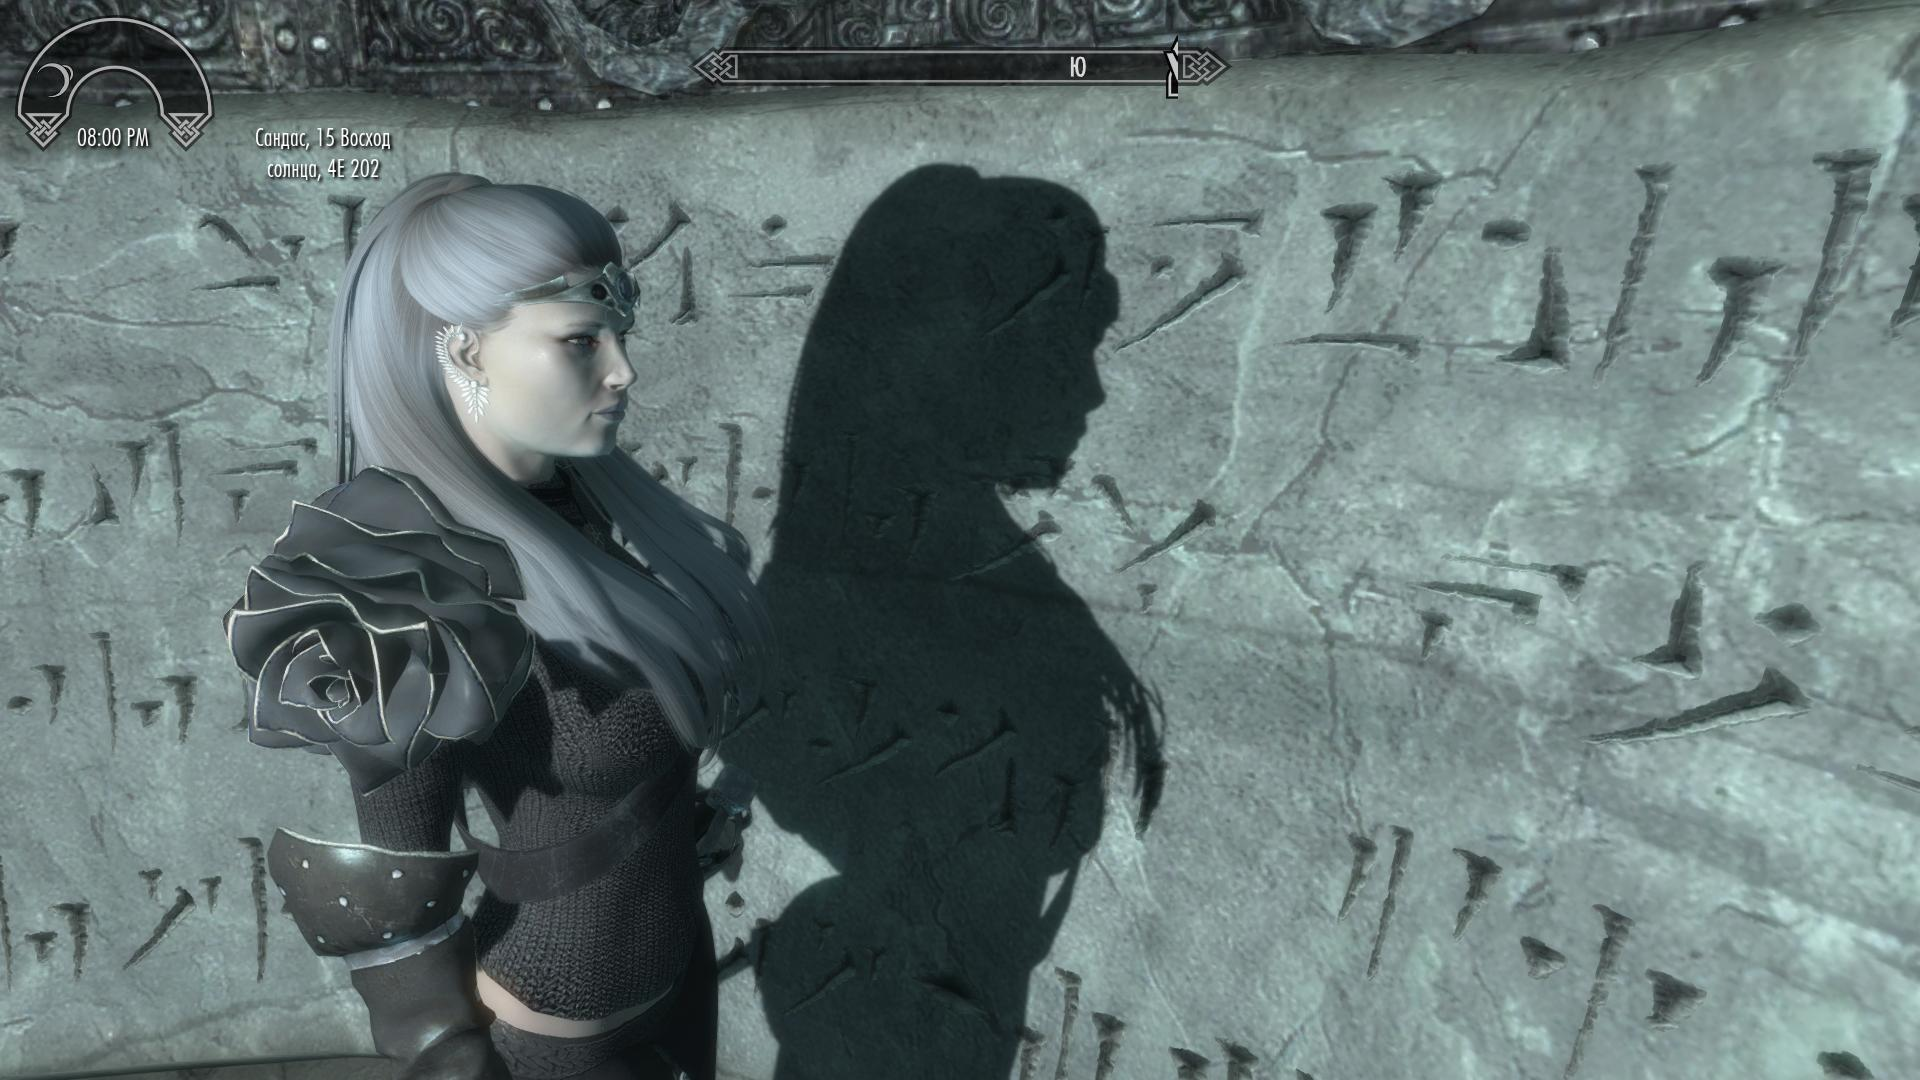 Героиня ракурс 1 - Elder Scrolls 5: Skyrim, the